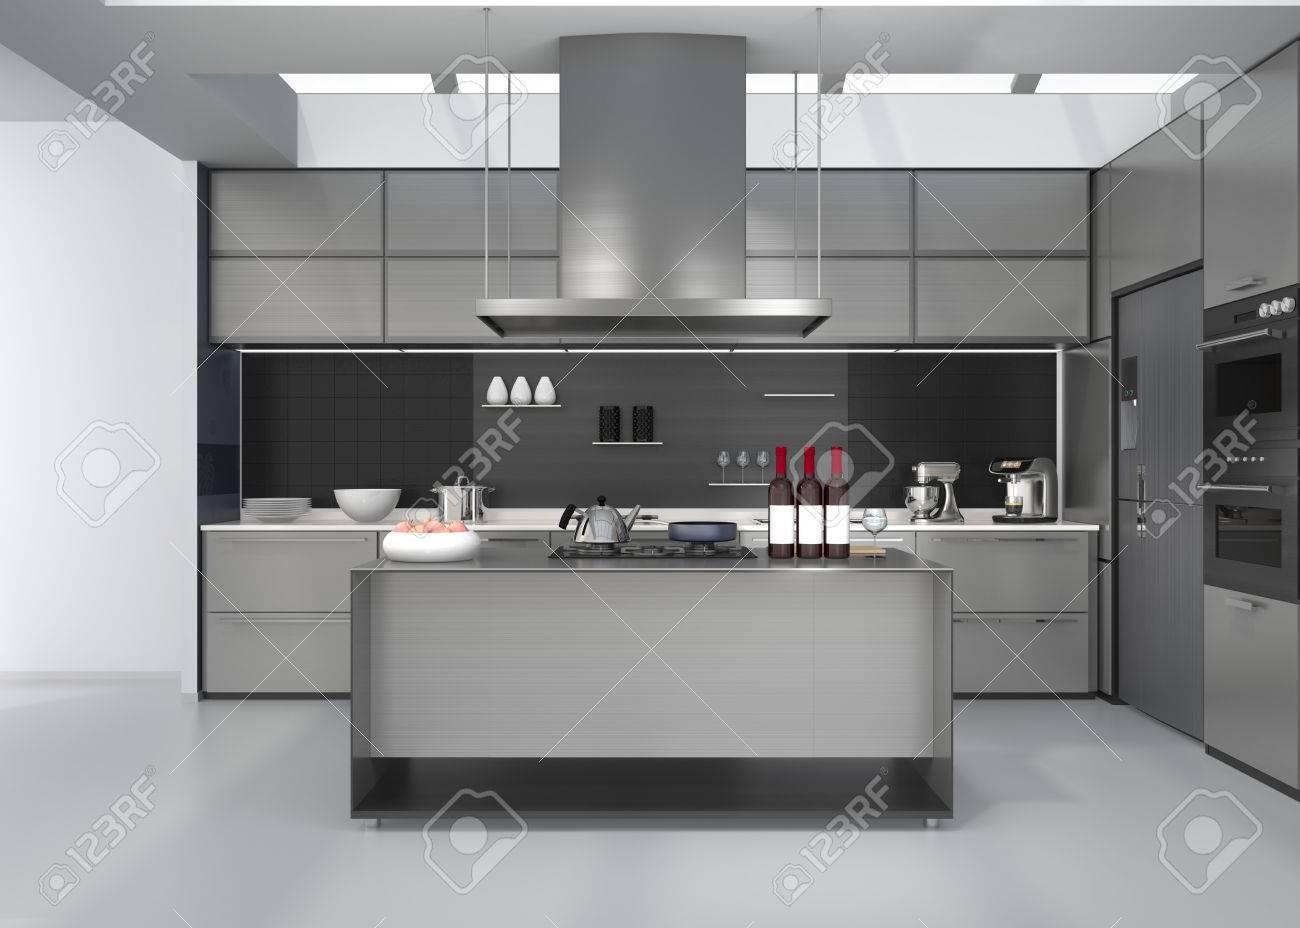 Moderne keuken interieur met slimme apparaten in zilveren kleur